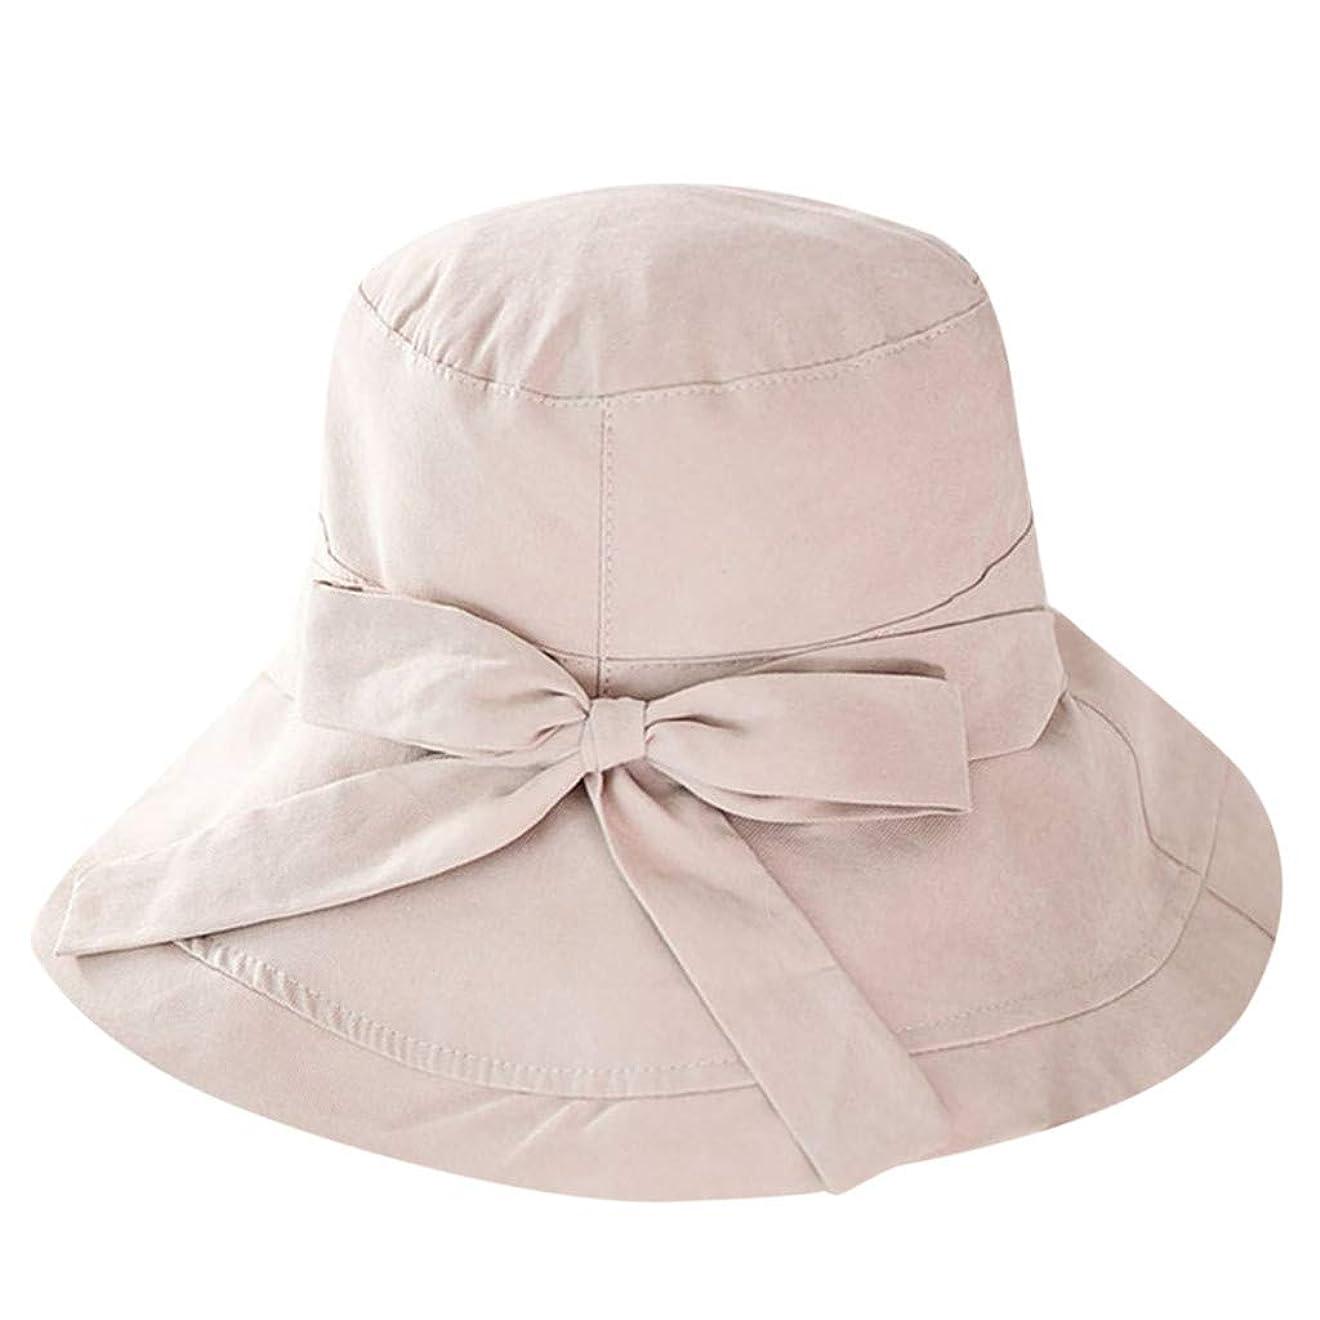 あらゆる種類の梨愛撫Kaiweini レディース夏漁夫帽カジュアル日よけバイザービッグエッジクロスキャップ人気の屋外折りたたみビーチキャップチャイルドハット日焼け止め太陽帽